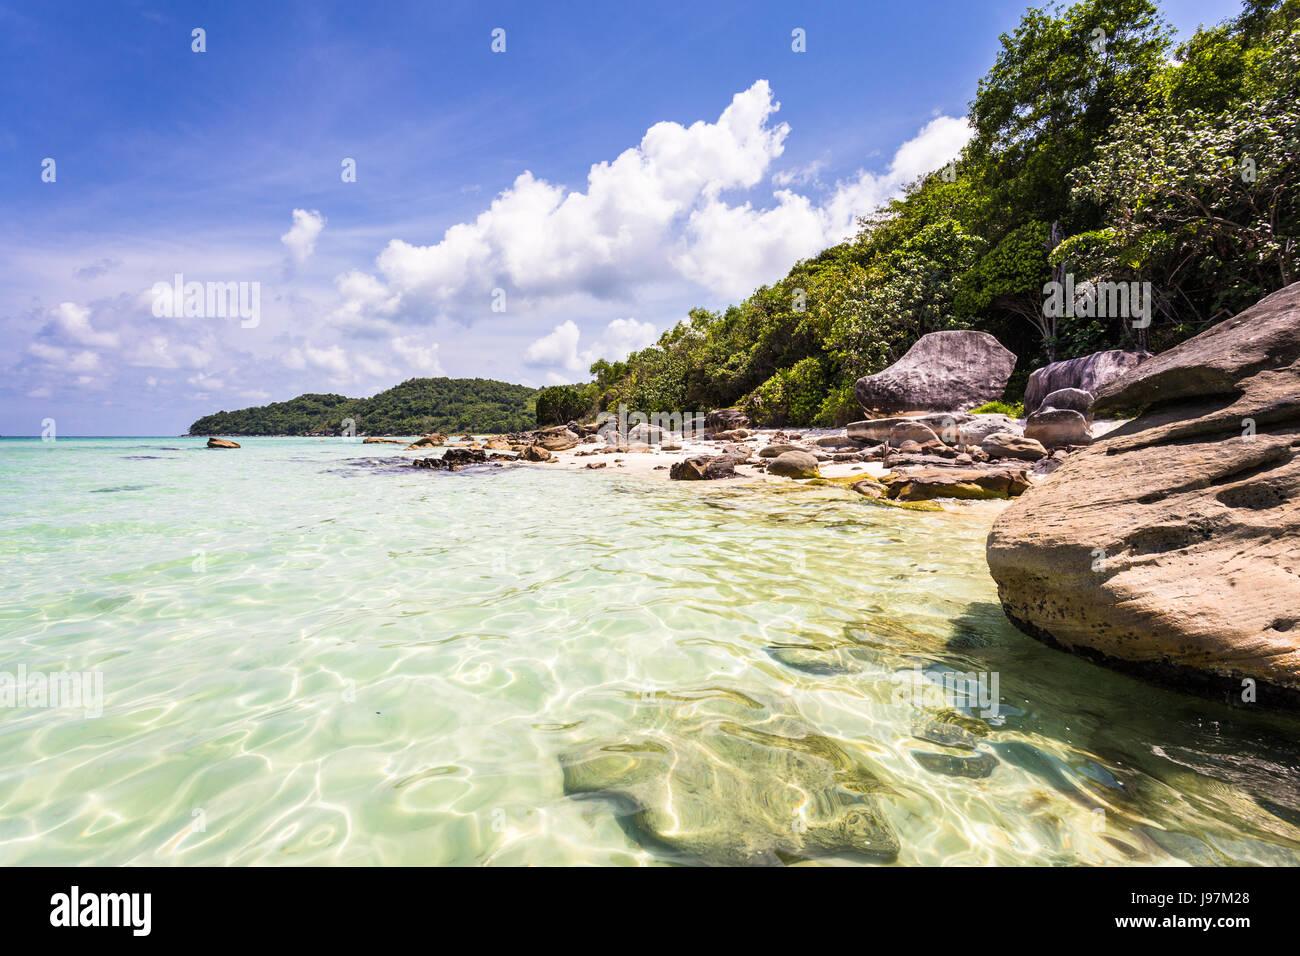 Idílica playa de Bai Sao, que significa arena blanca, en la isla de Phu Quoc populares en el Golfo de Tailandia Foto de stock